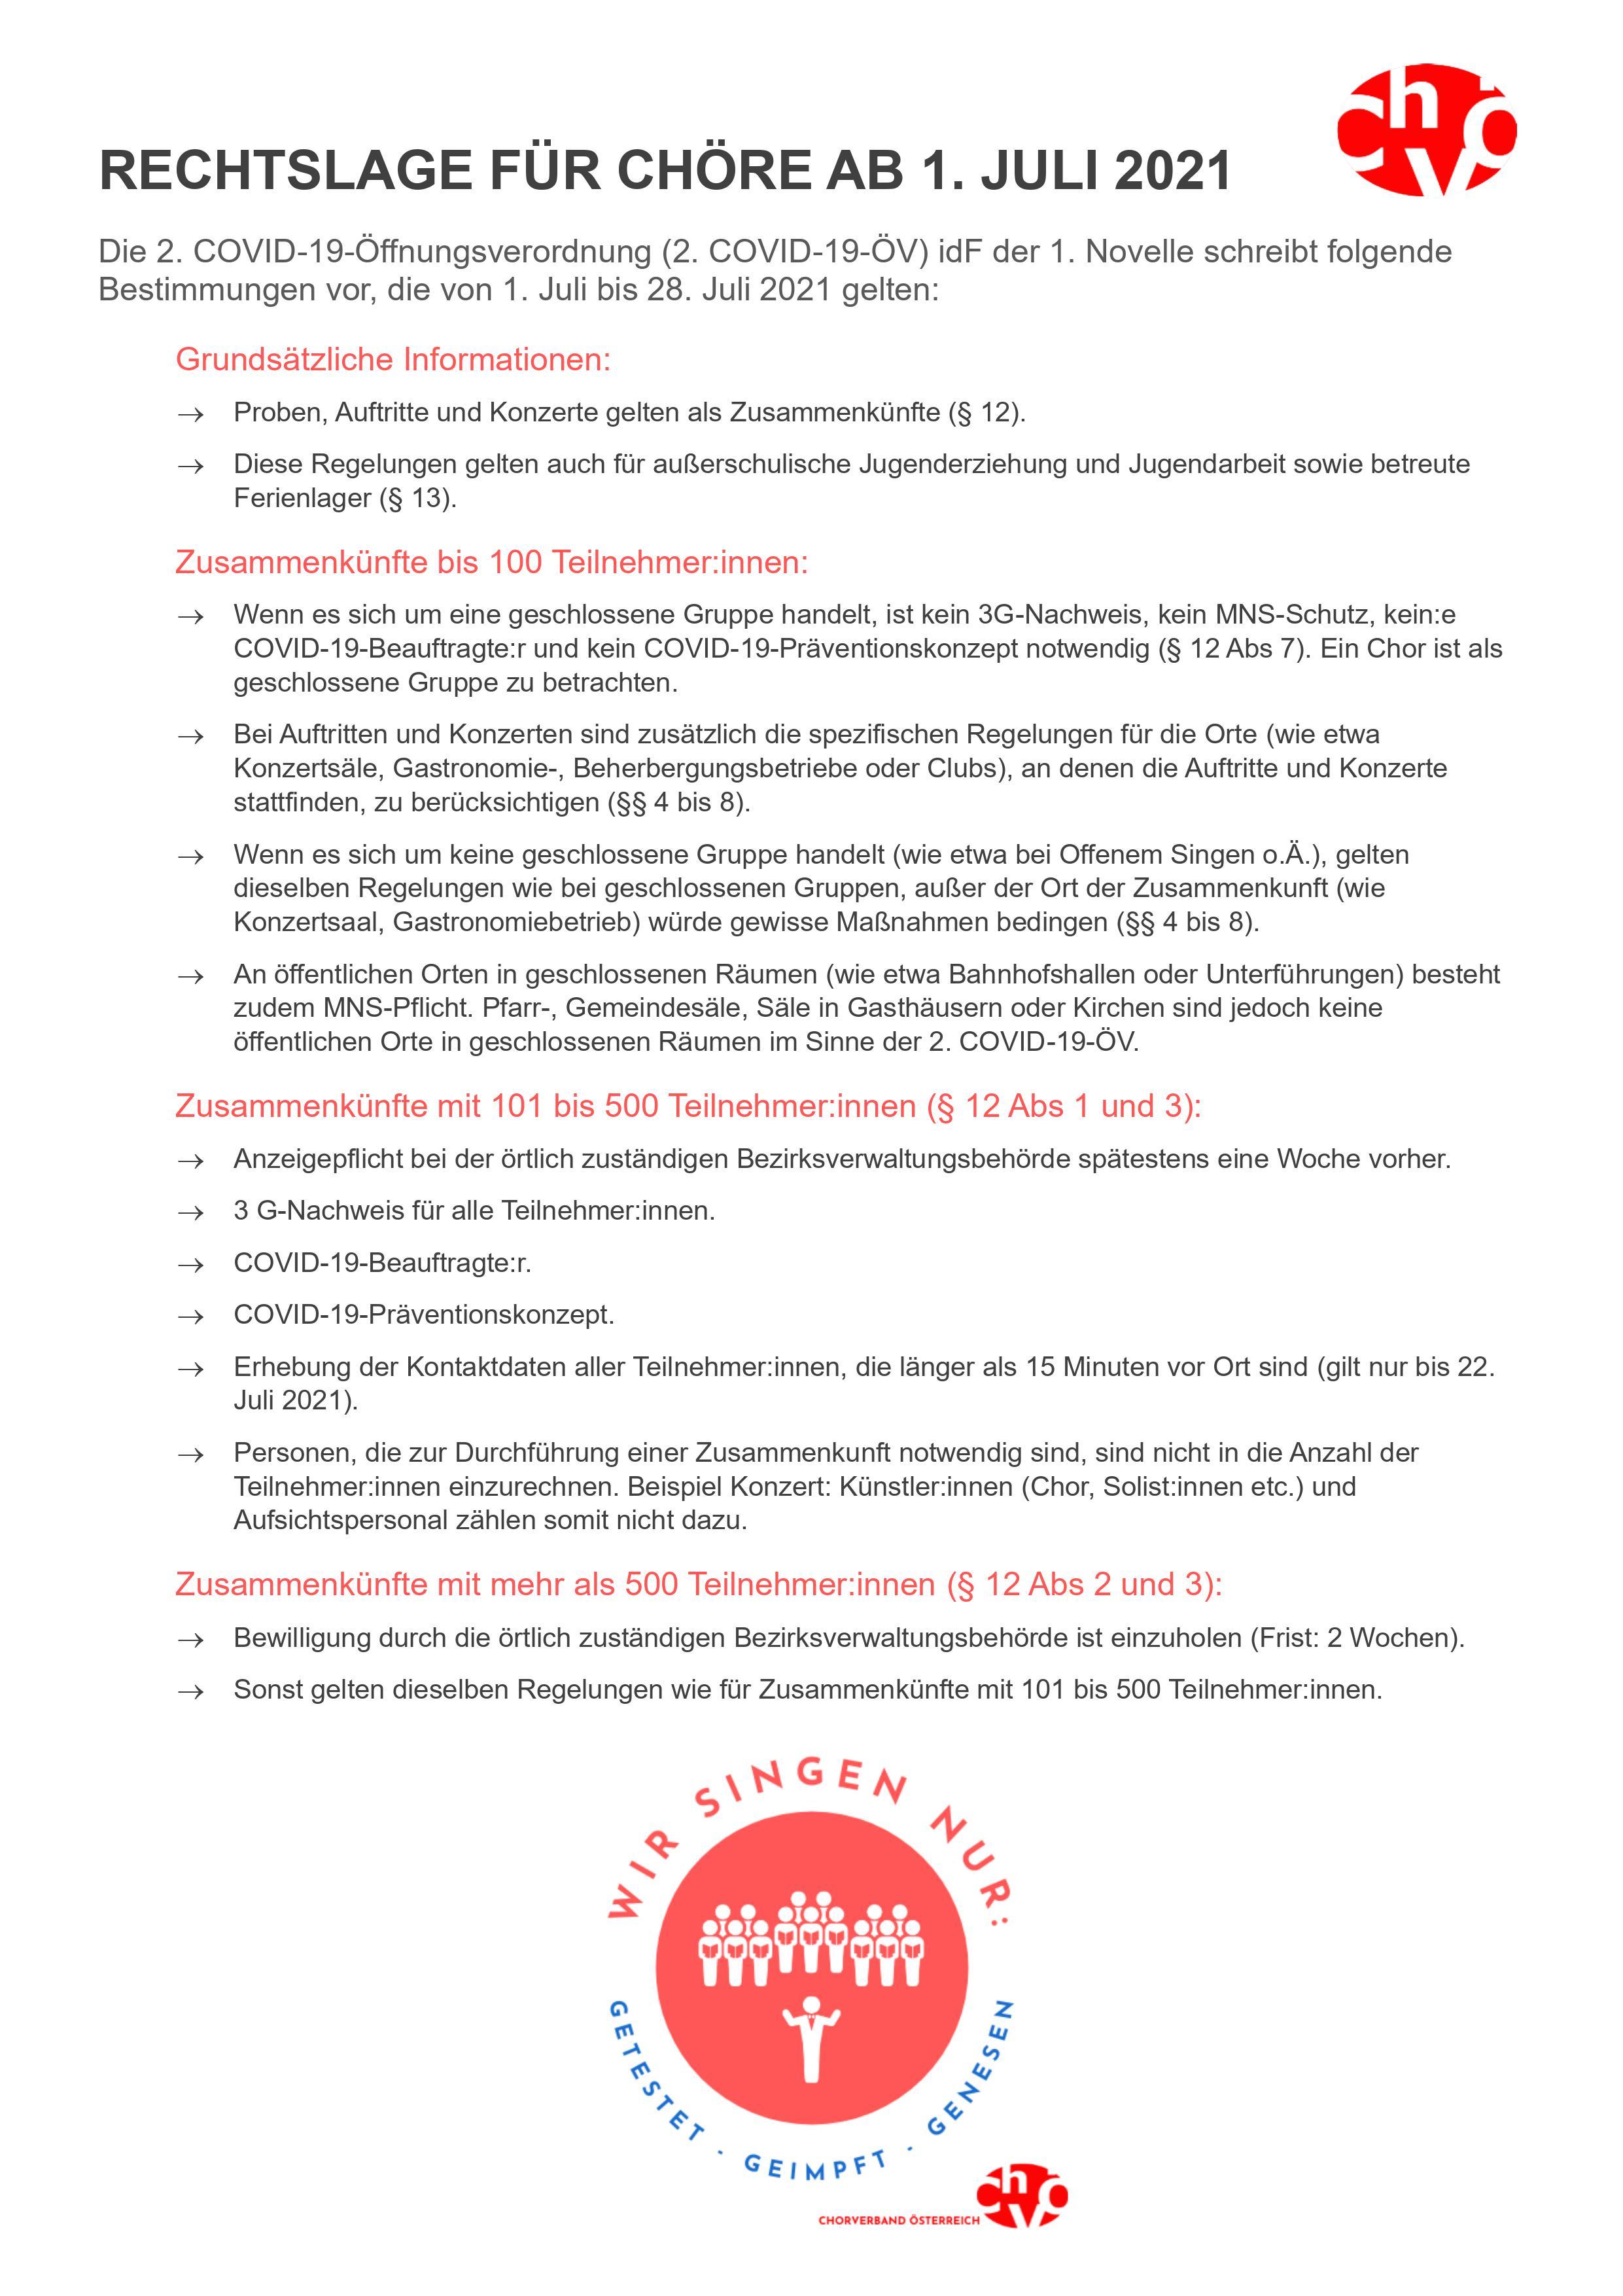 Übersicht zur Rechtslage für Chöre ab 1. Juli 2021 - Chorverband Österreich